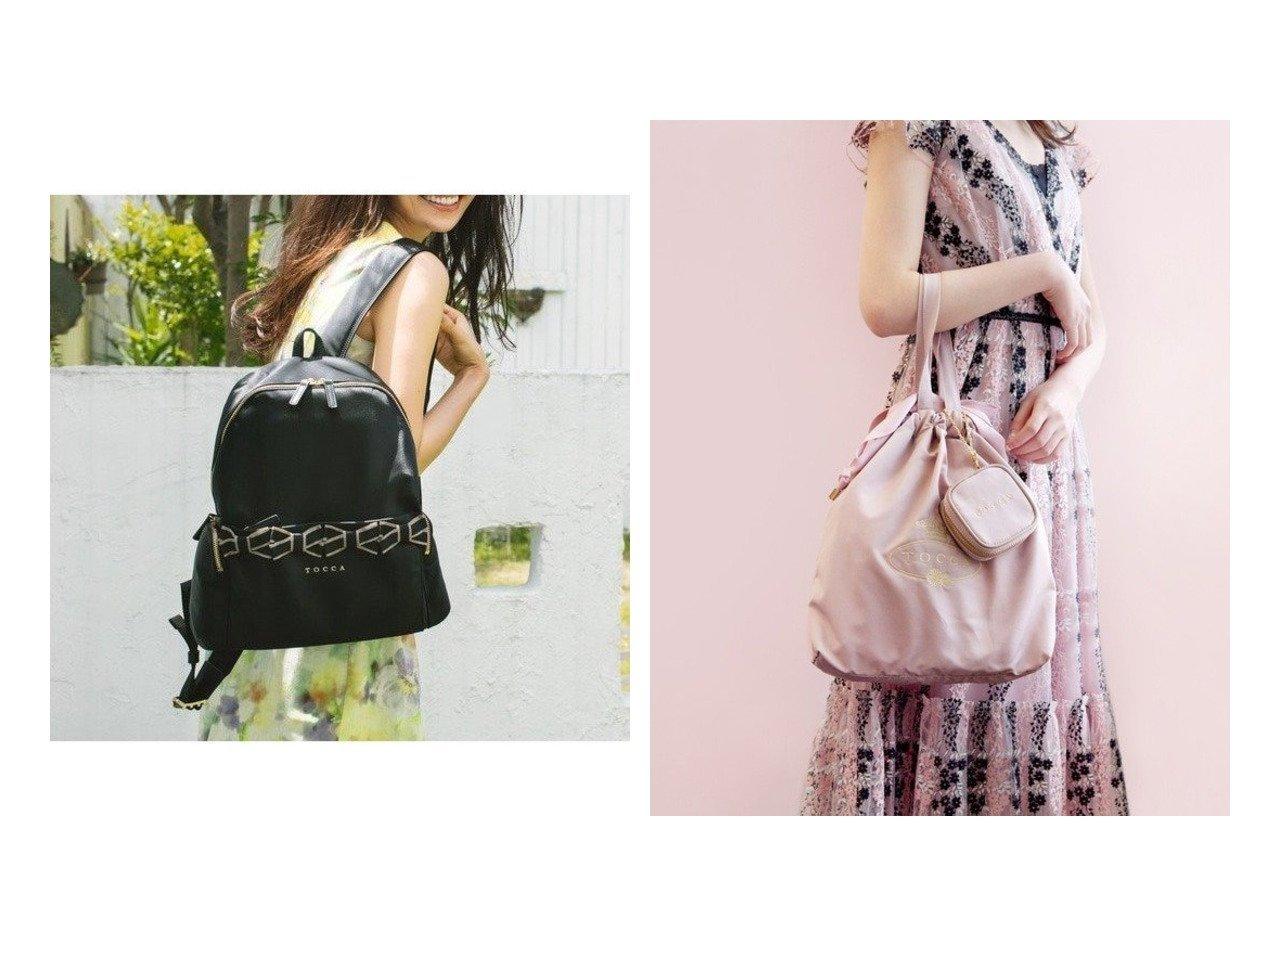 【TOCCA/トッカ】のTRAVELLING SAC ltd バッグ&FRILL RIBBON BACKPACK リュック TOCCAのおすすめ!人気、トレンド・レディースファッションの通販  おすすめで人気の流行・トレンド、ファッションの通販商品 メンズファッション・キッズファッション・インテリア・家具・レディースファッション・服の通販 founy(ファニー) https://founy.com/ ファッション Fashion レディースファッション WOMEN バッグ Bag 送料無料 Free Shipping A/W 秋冬 AW Autumn/Winter / FW Fall-Winter 冬 Winter シンプル フォルム フリル ポケット リボン リュクス リュック ロマンティック ポーチ リゾート リラックス リーフ 再入荷 Restock/Back in Stock/Re Arrival  ID:crp329100000017765